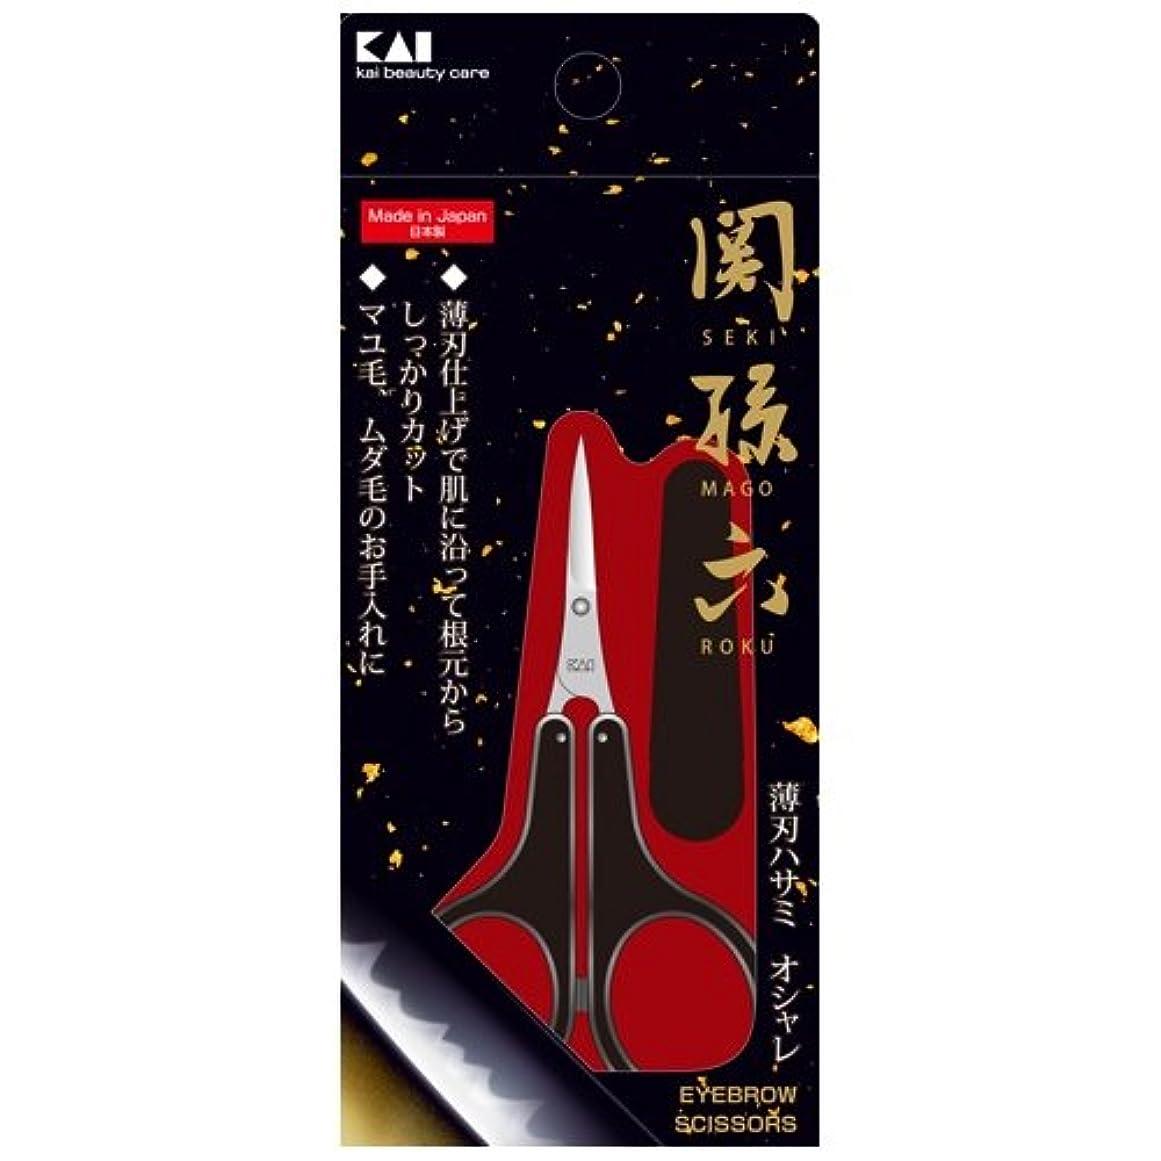 掘る火耐久関孫六 薄刃オシャレハサミ HC3540